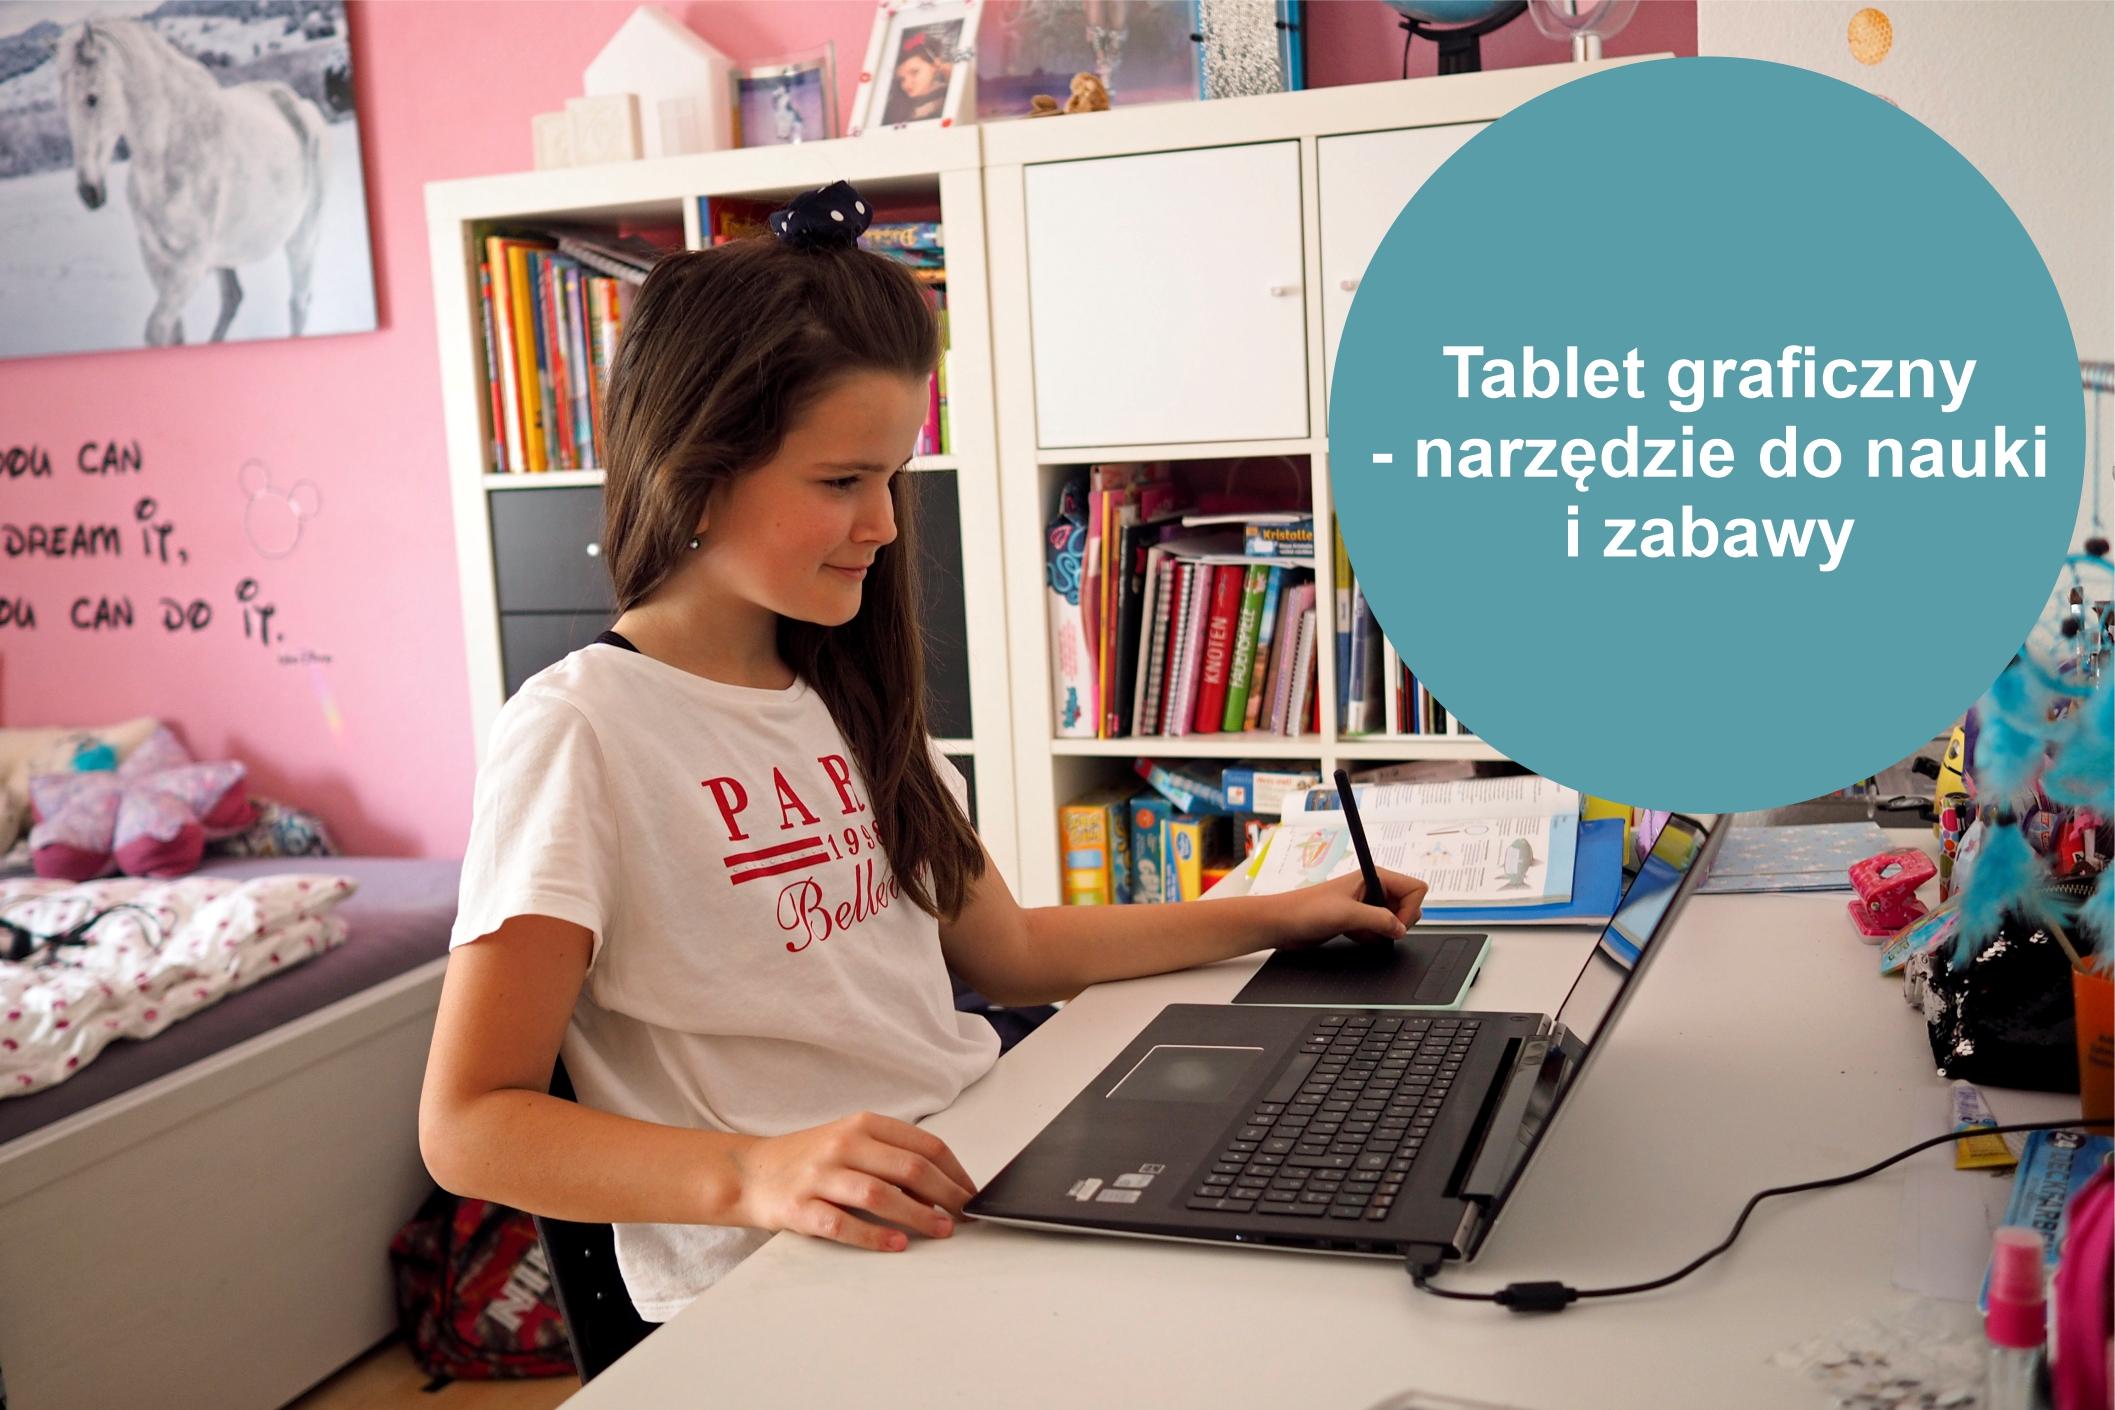 Tablet graficzny - doskonałe narzędzie do nauki i zabawy